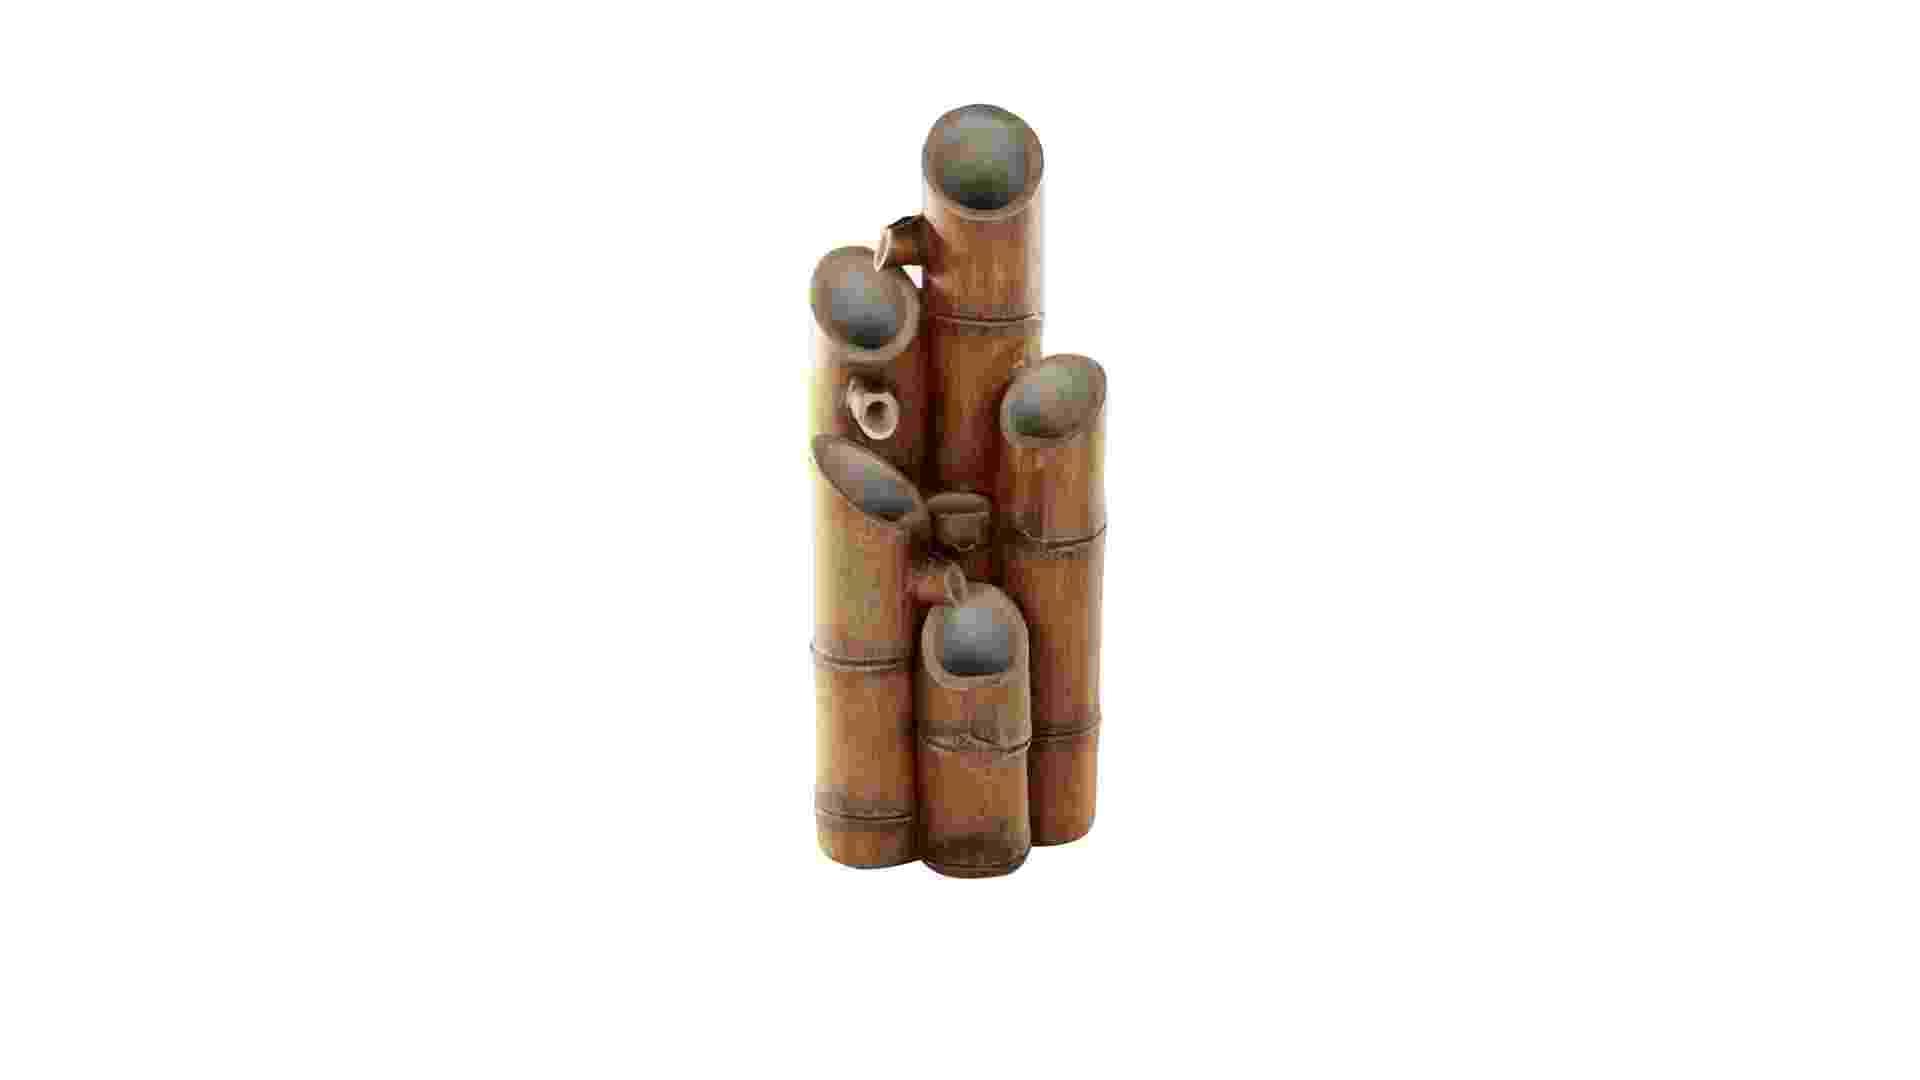 Em bambu, a fonte Makena é uma sugestão de fonte para ambientes internos. O modelo tem 34 cm de altura e acompanha bomba d?água. À venda na Etna   (www.etna.com.br) por R$ 119,90. Preços pesquisados em janeiro de 2013 e sujeitos a alterações - Divulgação